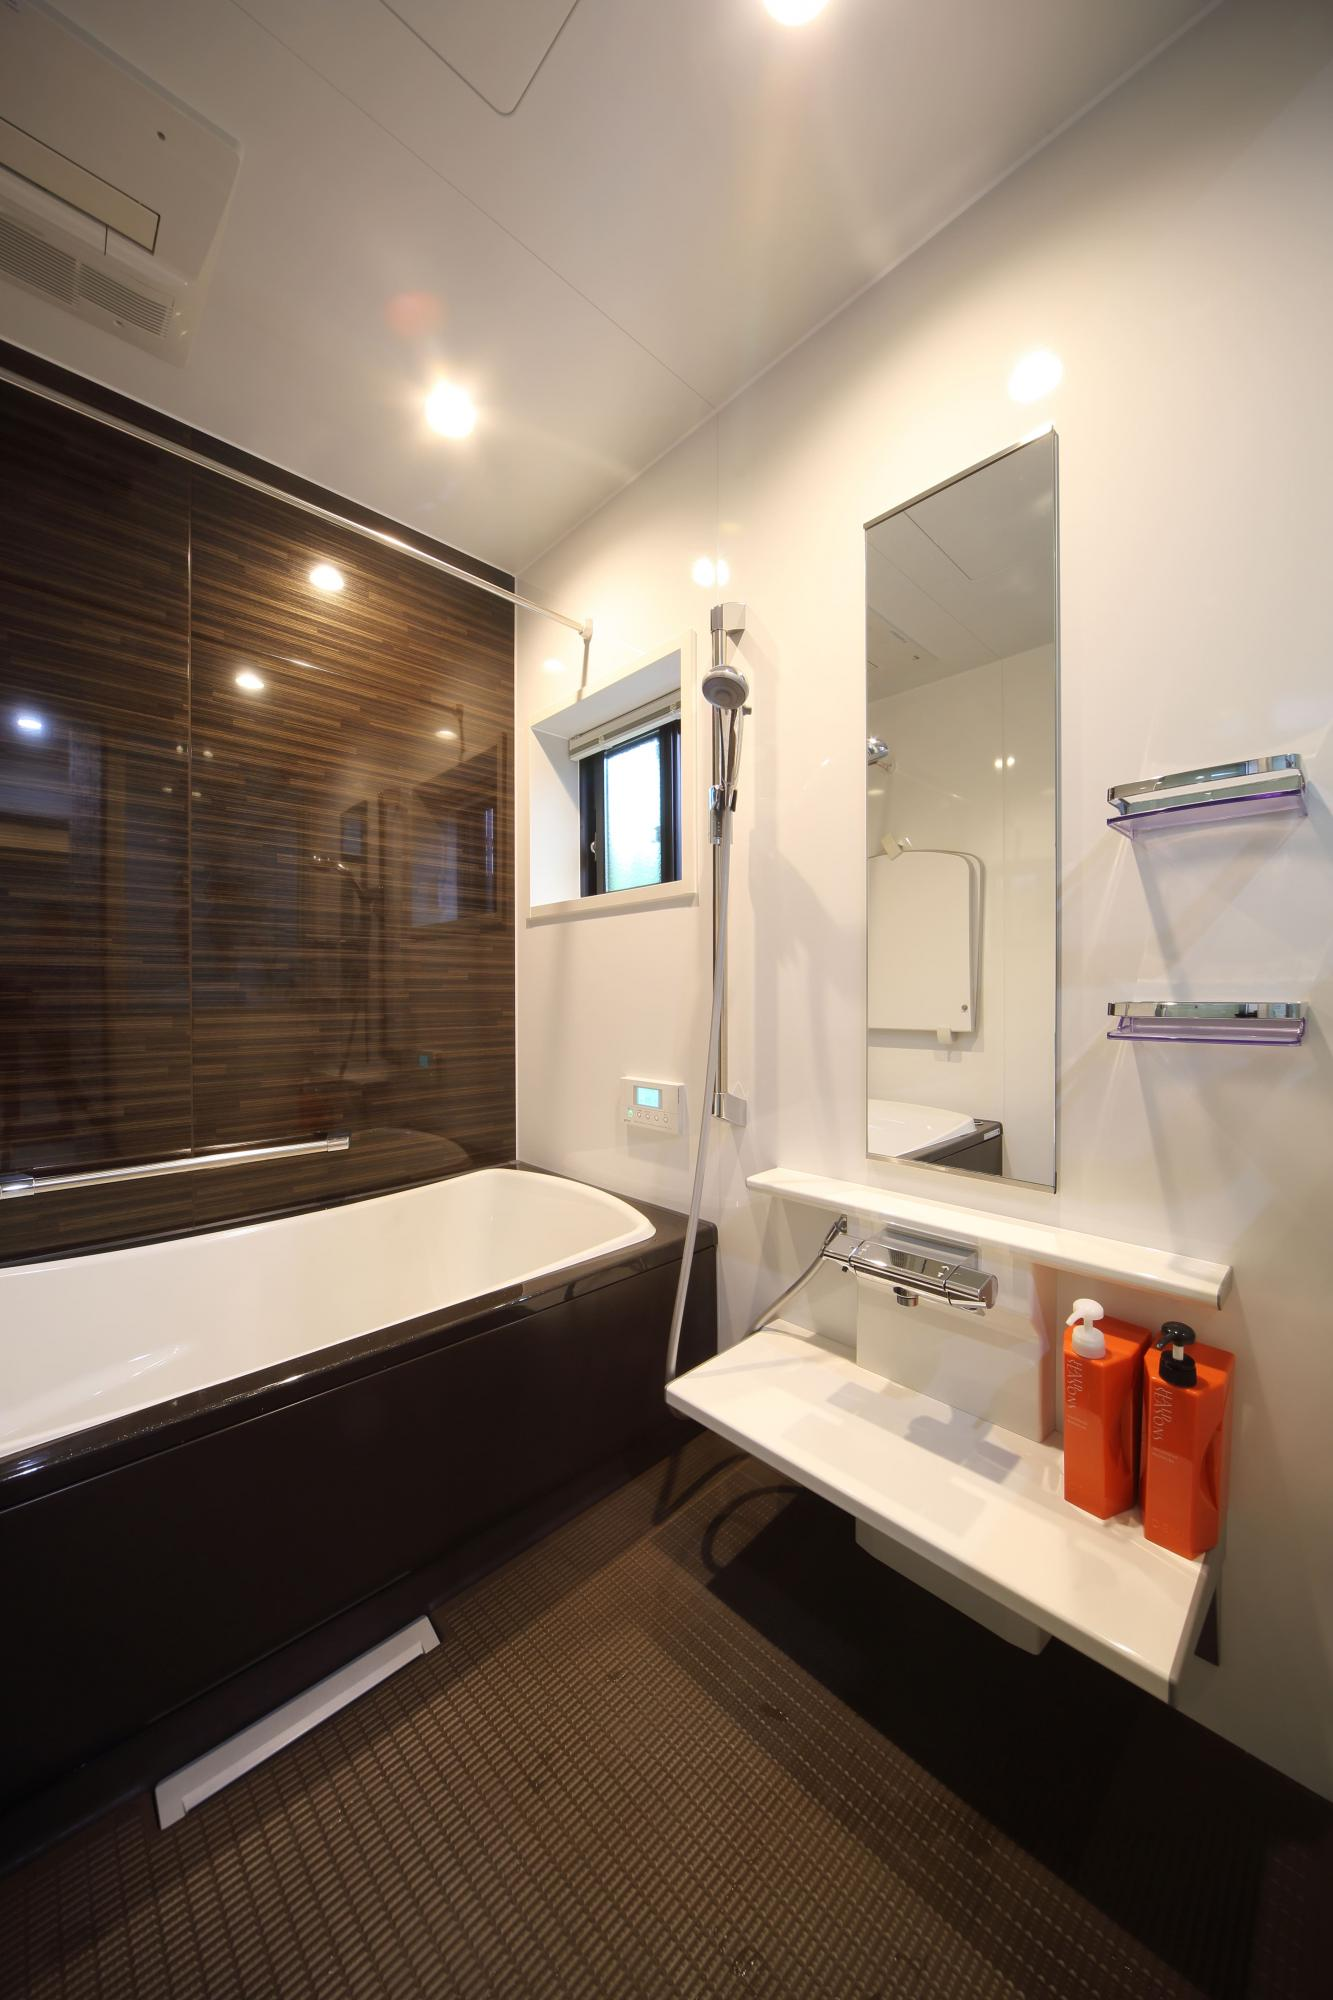 バスルームはご主人の希望で広さを確保し、ゆとりのサイズに。洗濯物を室内干しできる浴室暖房乾燥機付き。